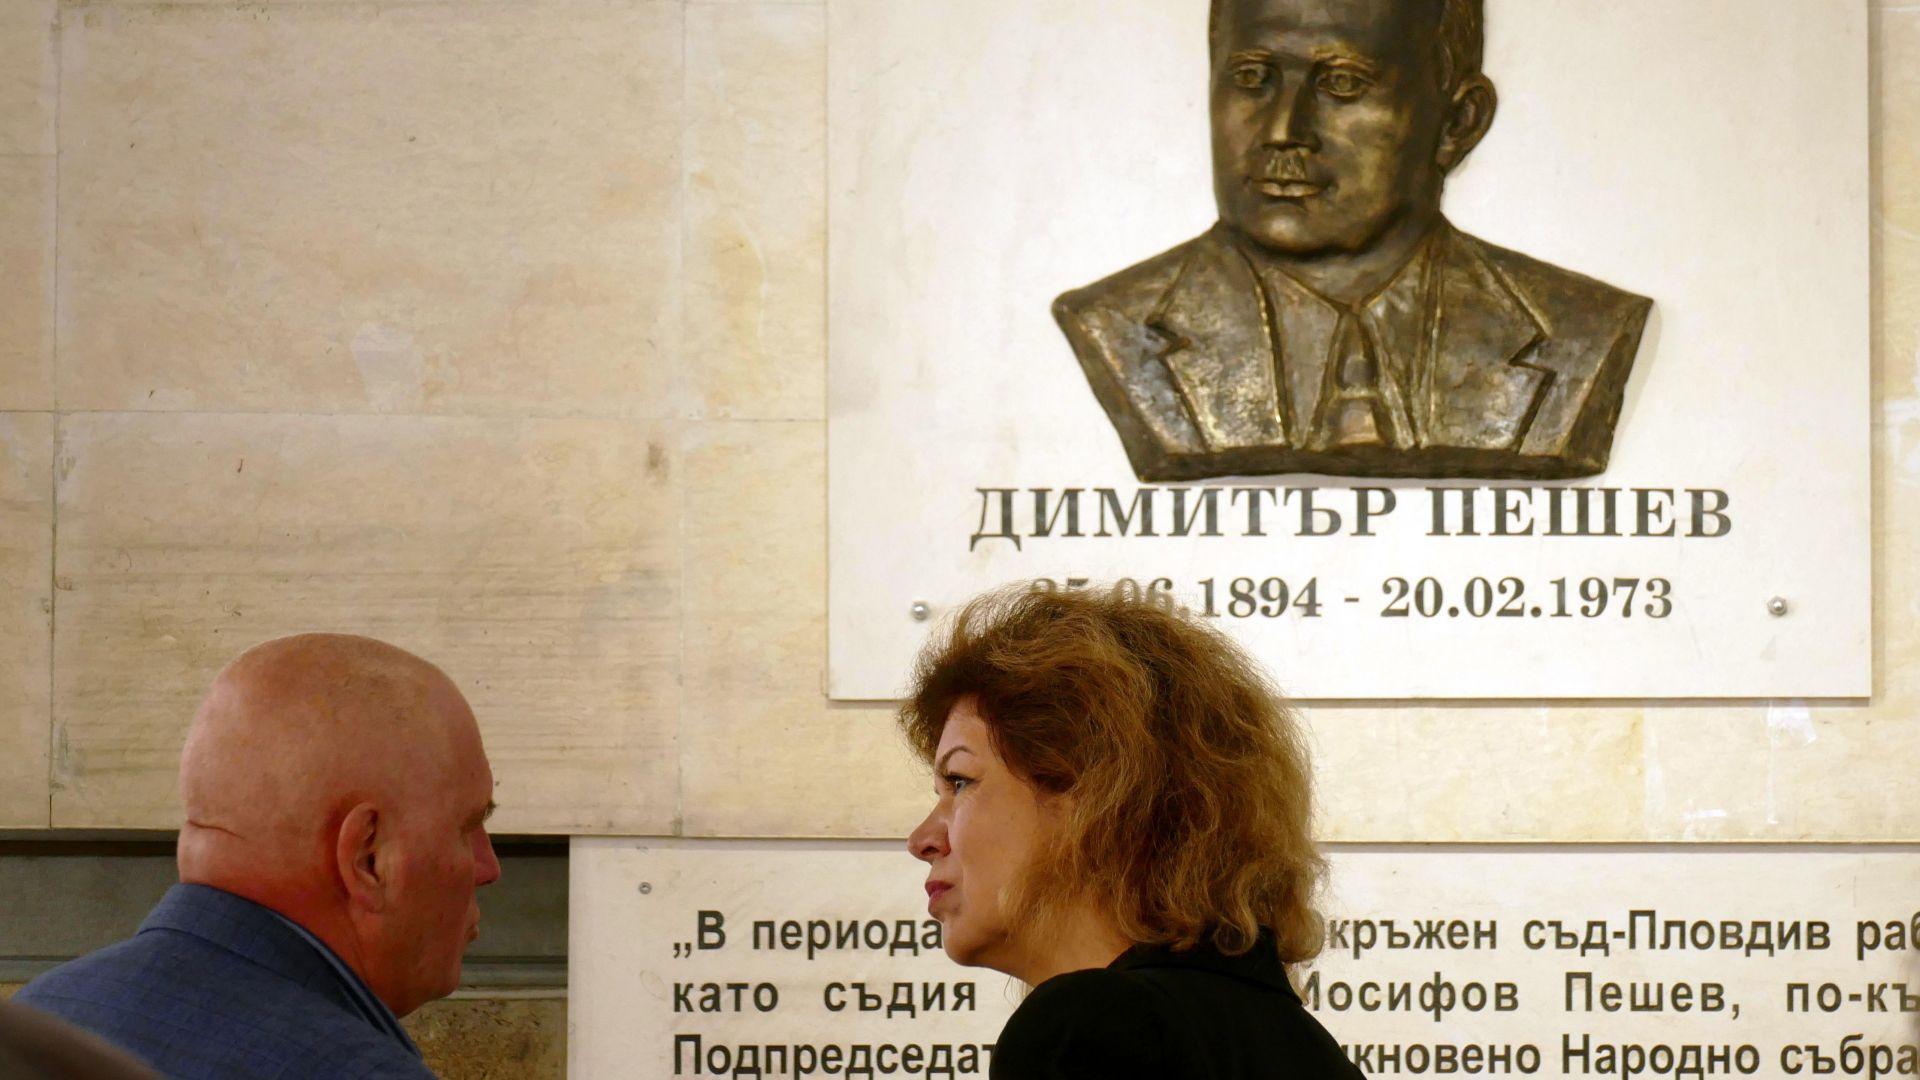 Откриха барелеф на Димитър Пешев  в Съдебната палата в Пловдив